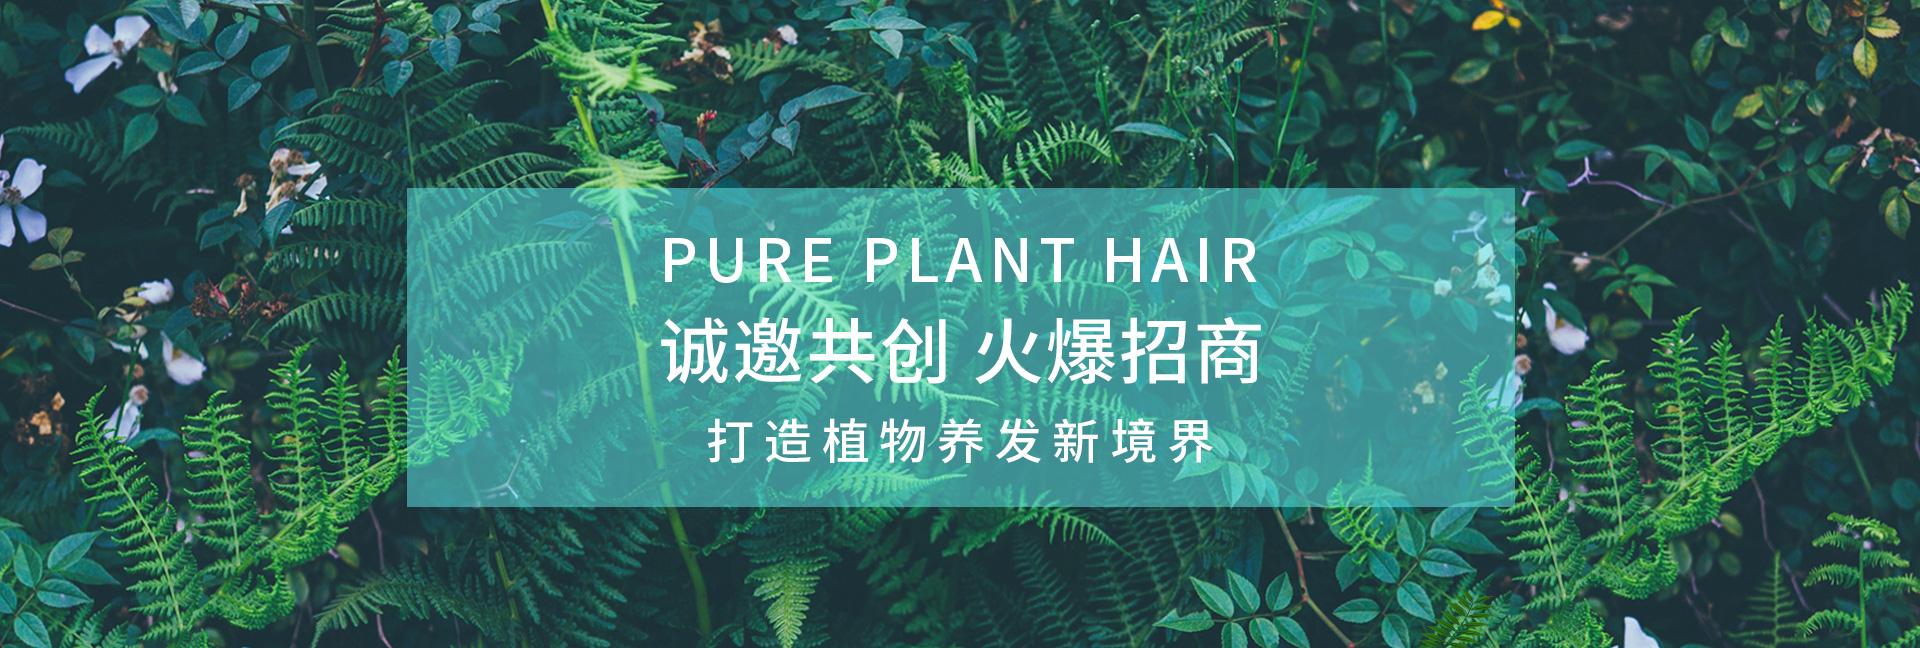 植物养发加盟